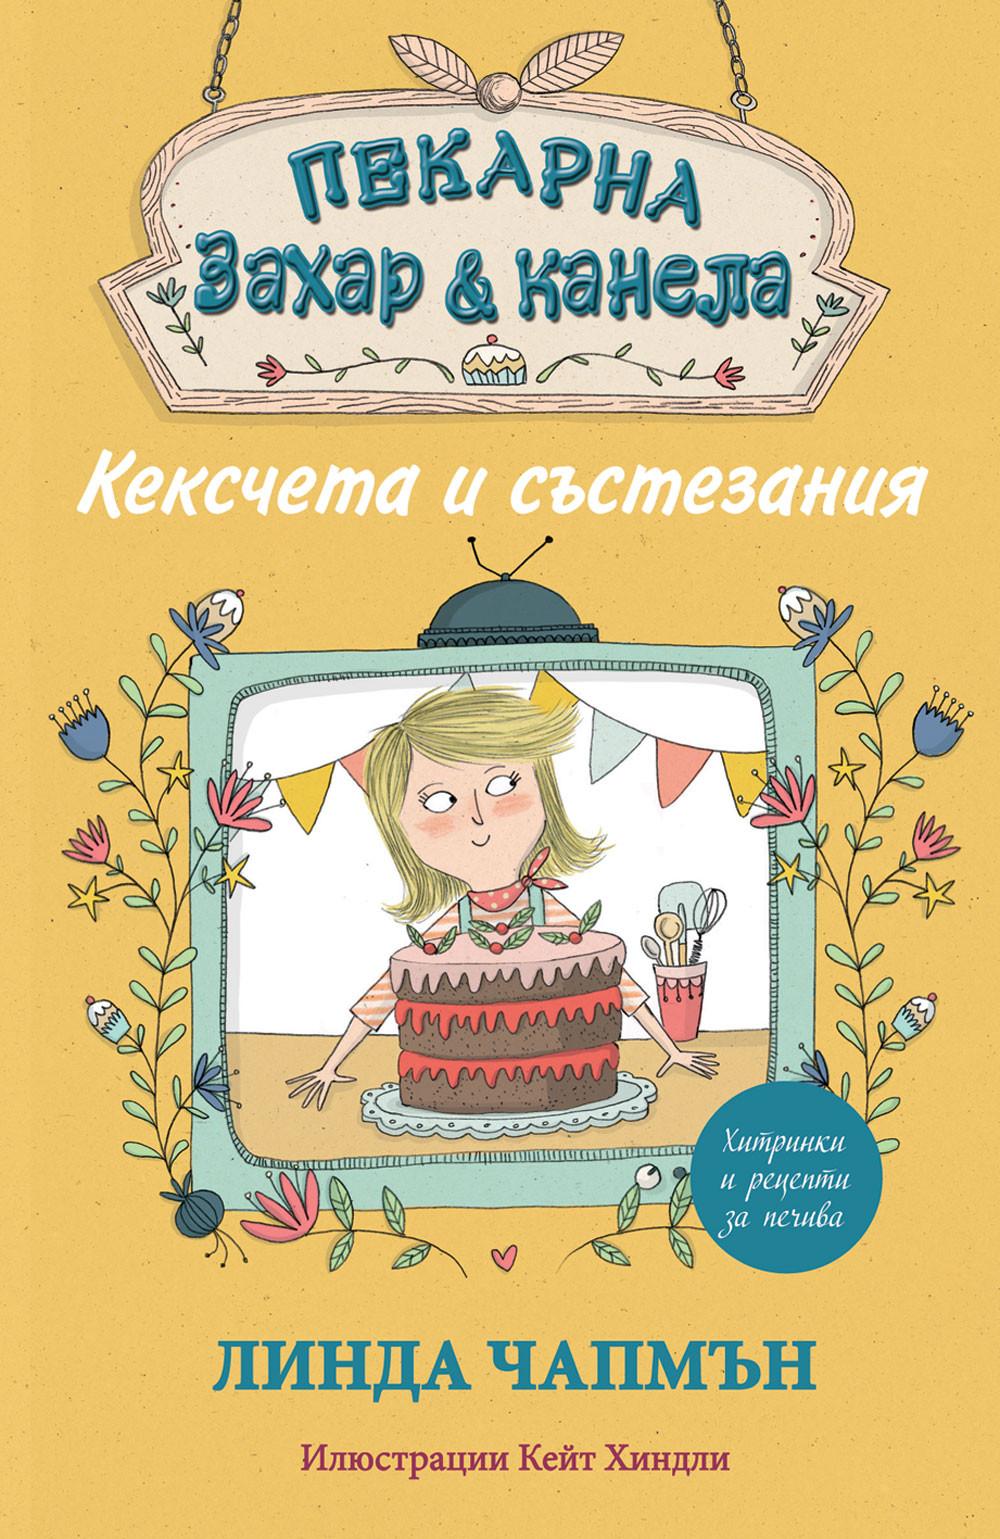 """Пекарна """"Захар и канела"""" - КЕКСЧЕТА И СЪСТЕЗАНИЯ"""